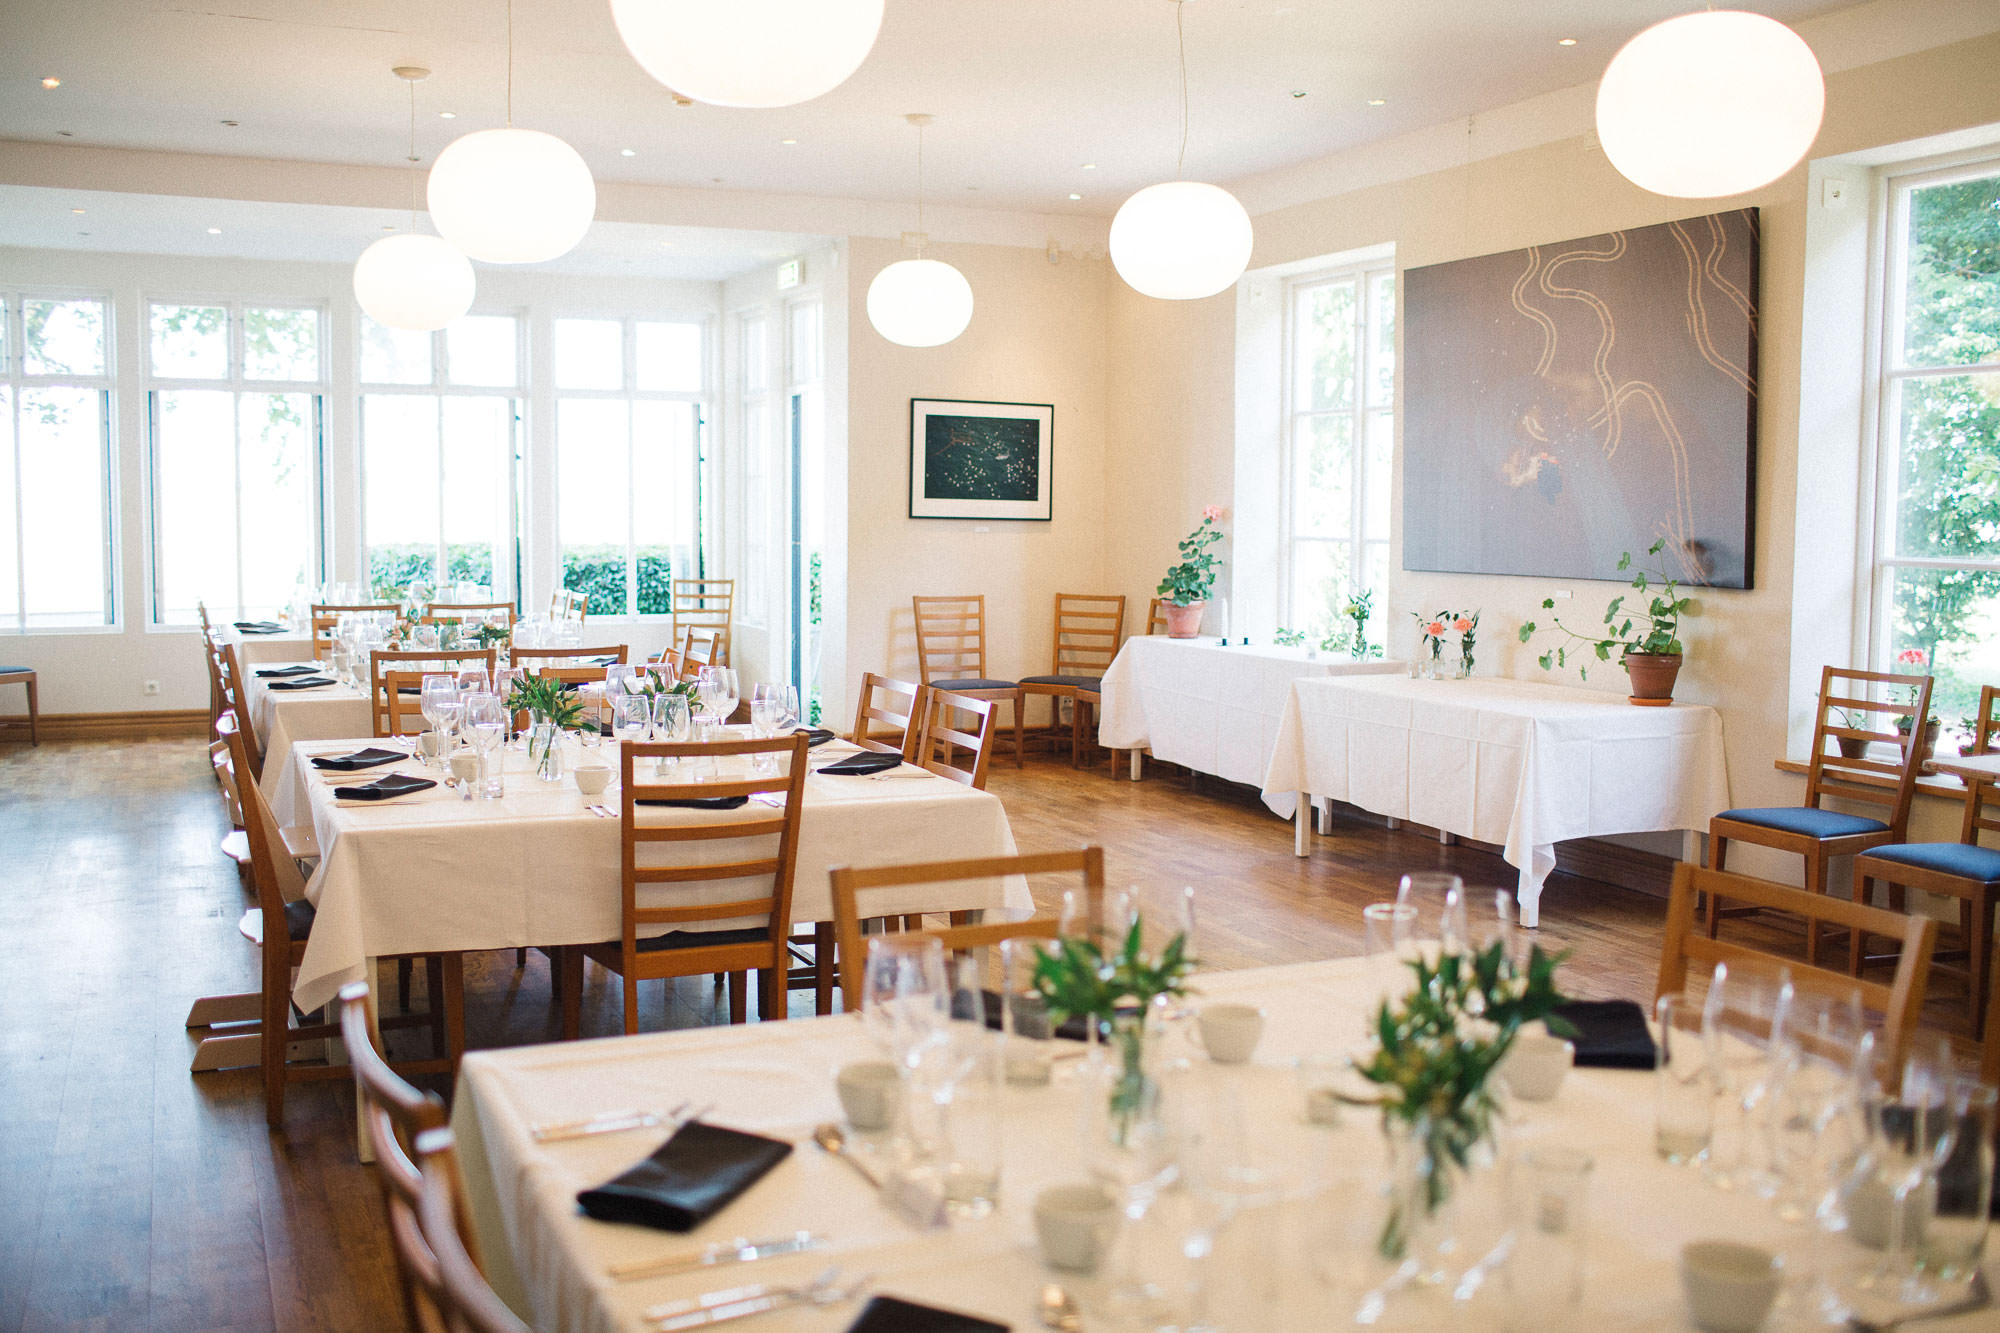 Bröllopsdukning på Kafferosteriet på Österlen, bröllopslokal i Skåne. Foto av Tove Lundquist, bröllopsfotograf Ystad.